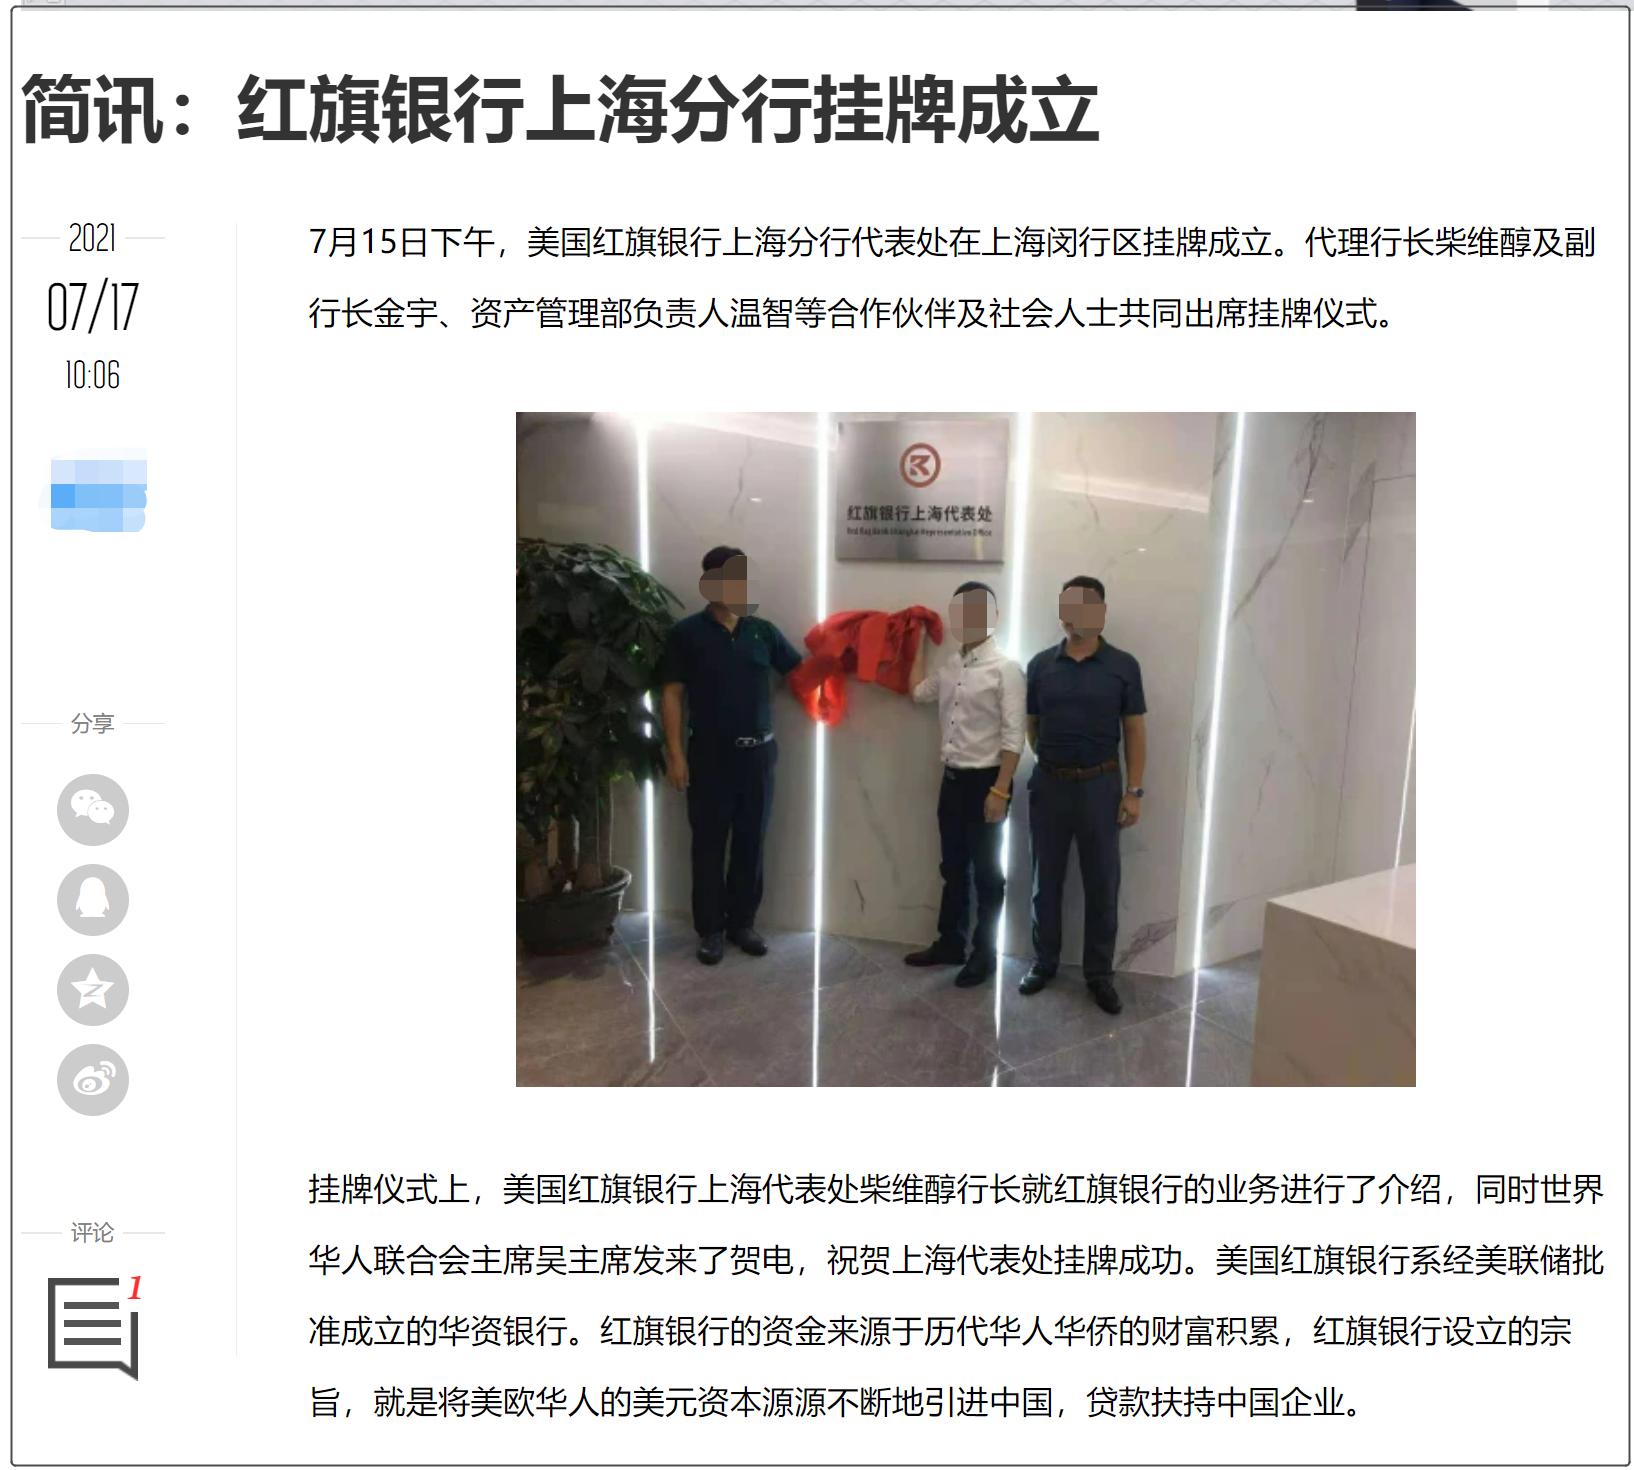 """非法!上海闹市竟出现""""美联储批准的红旗银行"""",银保监局出手了"""